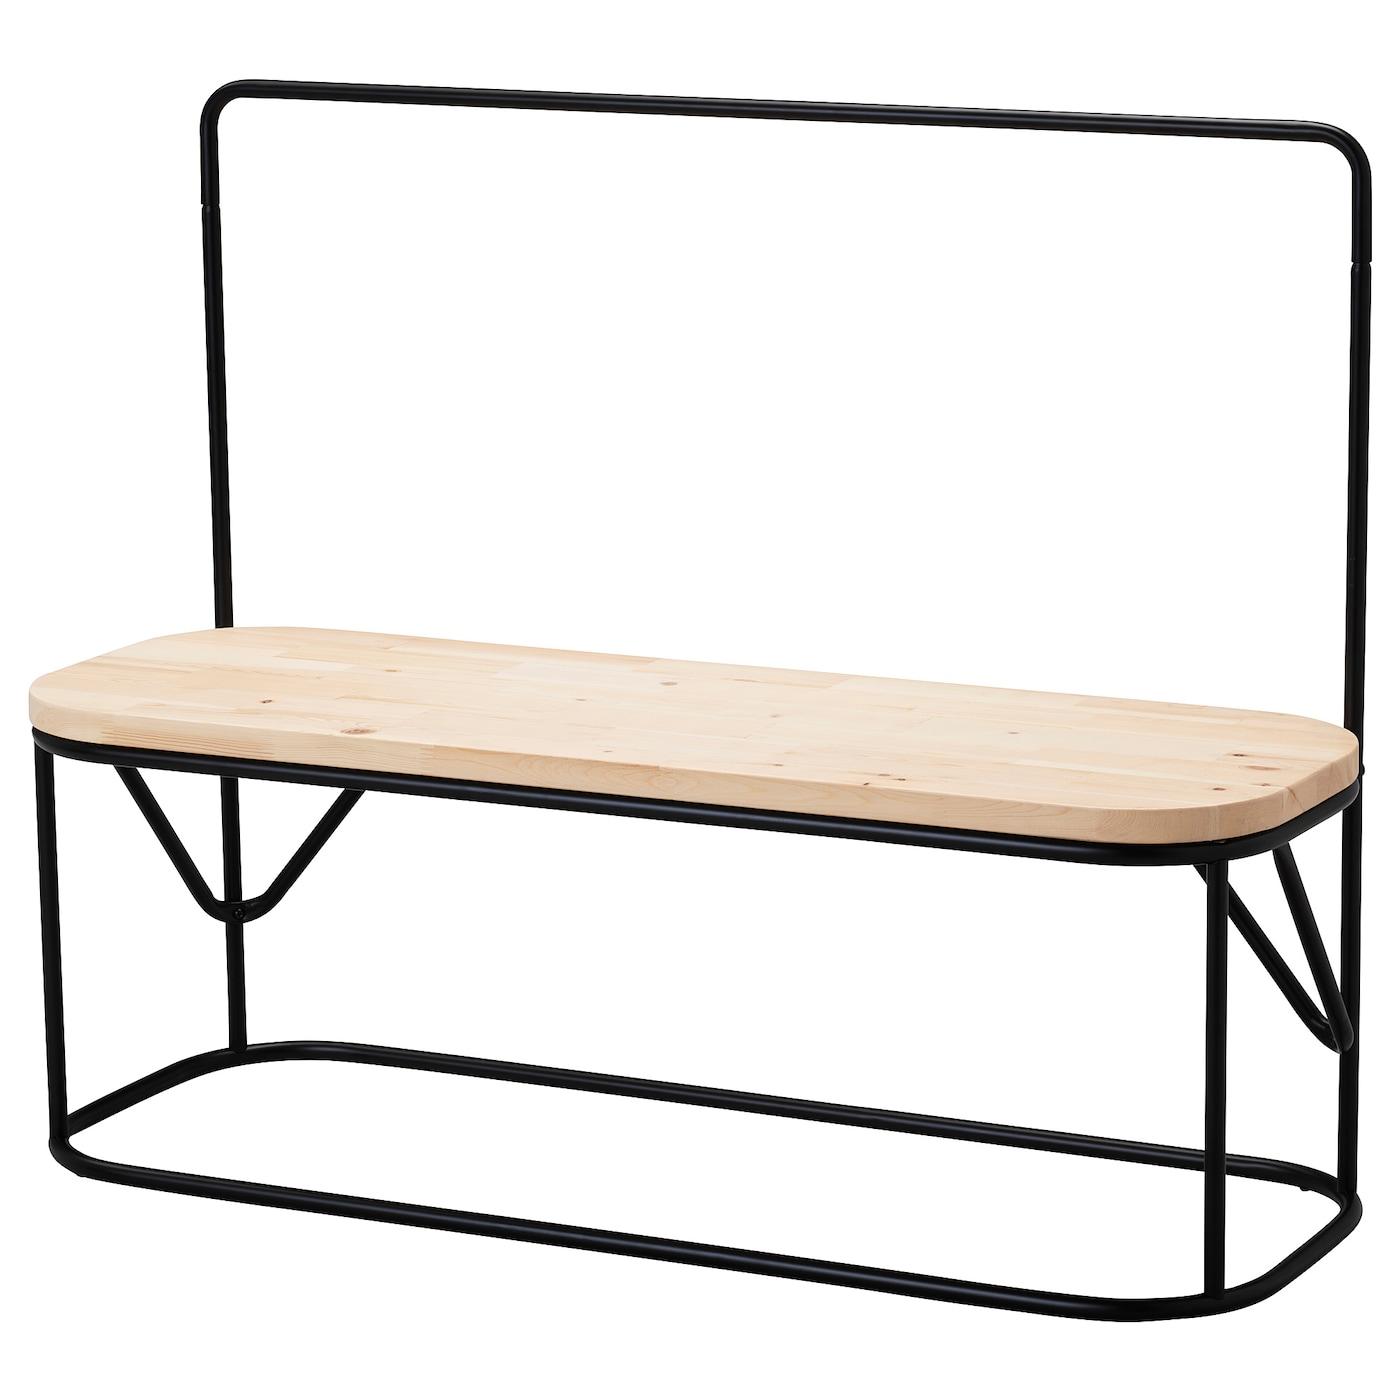 porte manteau et tag re de rangement ikea. Black Bedroom Furniture Sets. Home Design Ideas